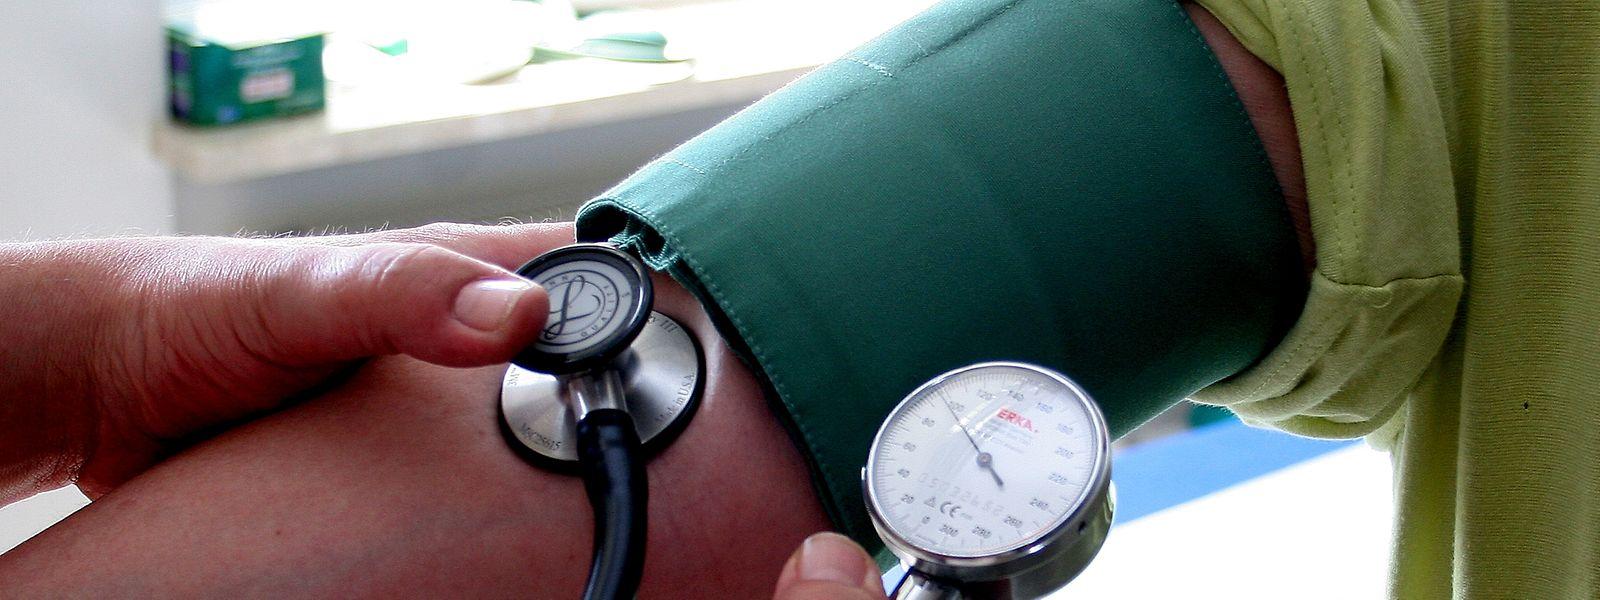 Menschen mit Hypertonie sollten bei Hitze auf die Dosis ihrer Blutdrucksenker Acht geben.